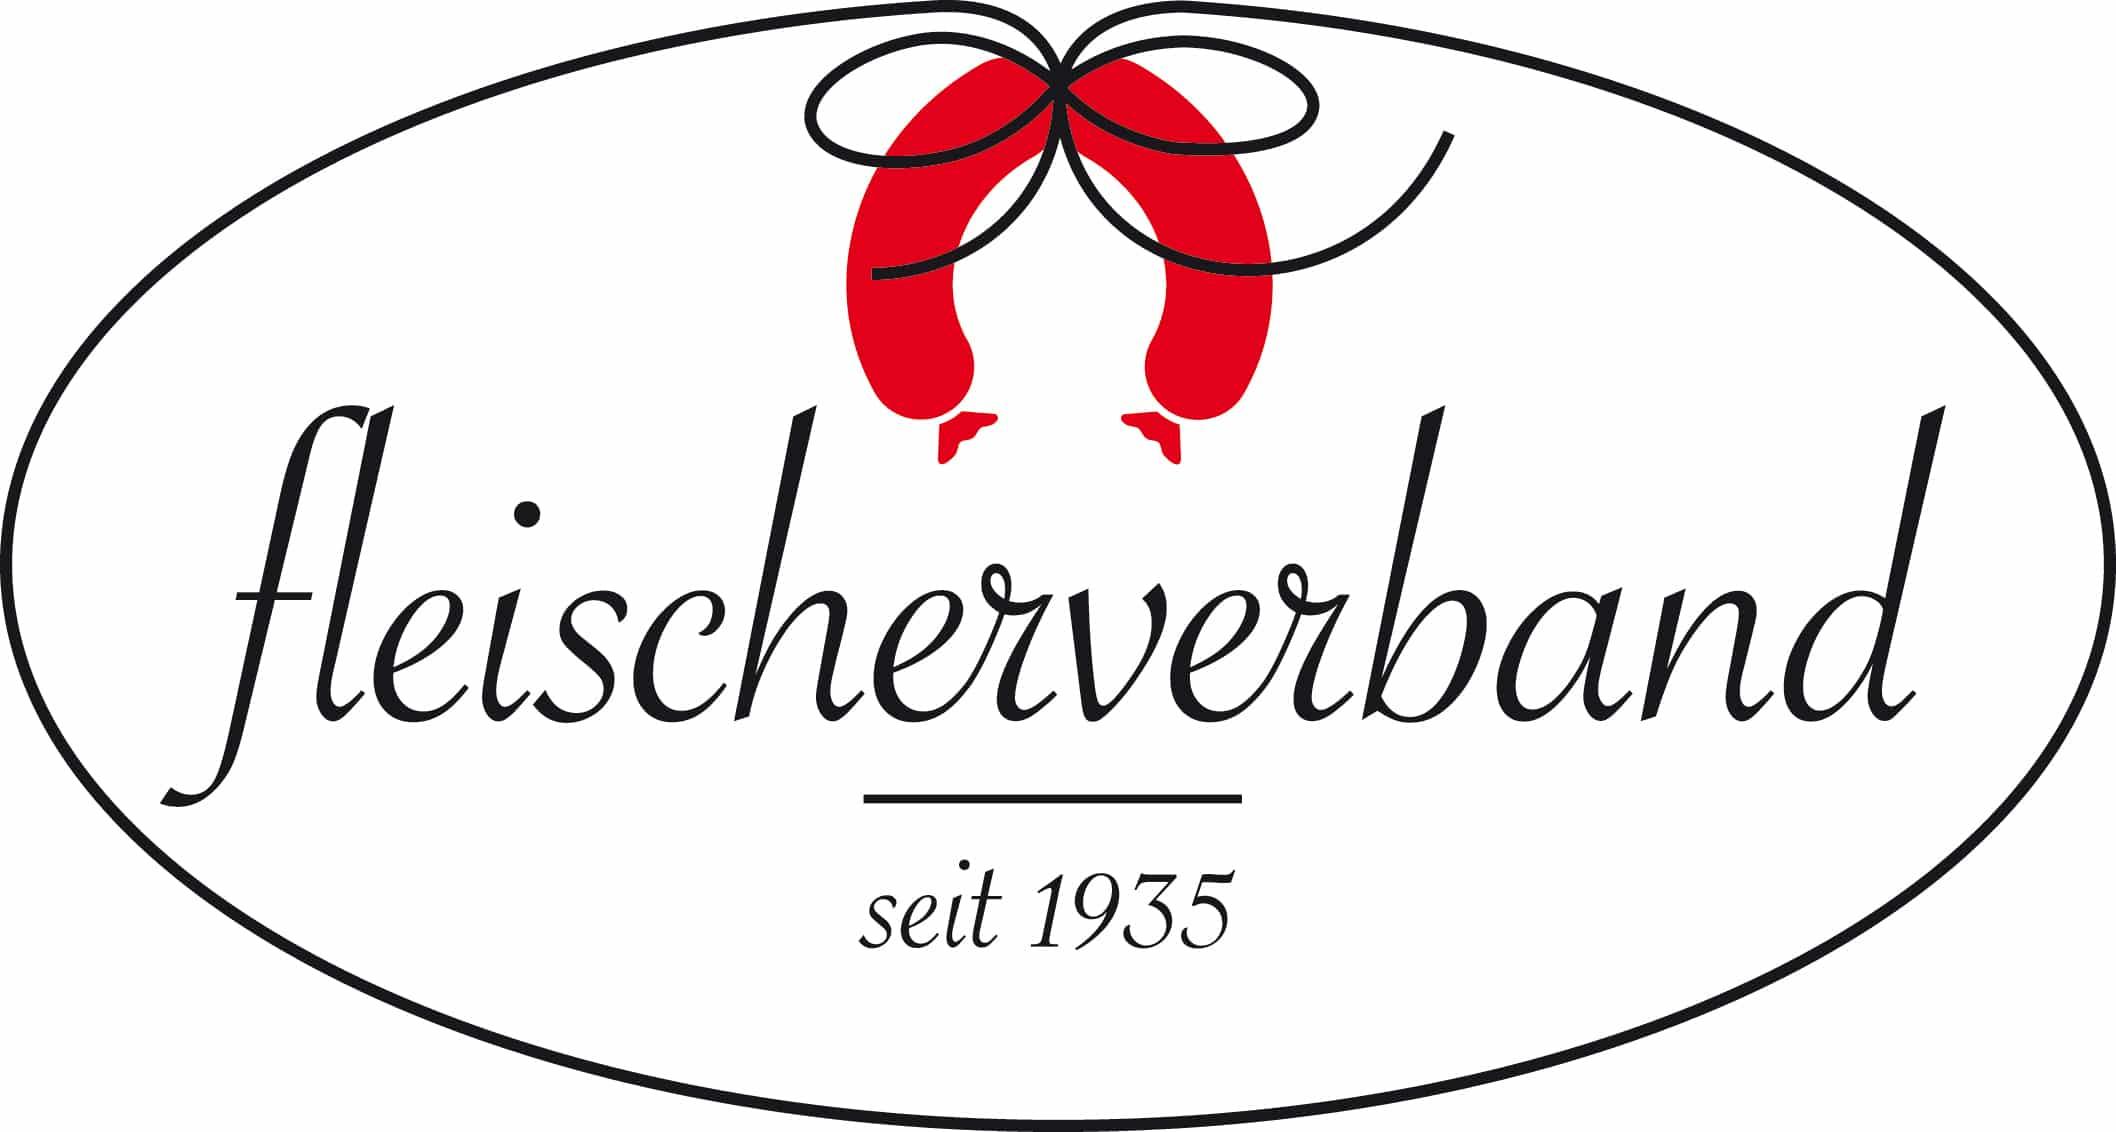 Fleischerverband eGen mit Sitz in Wals-Siezenheim